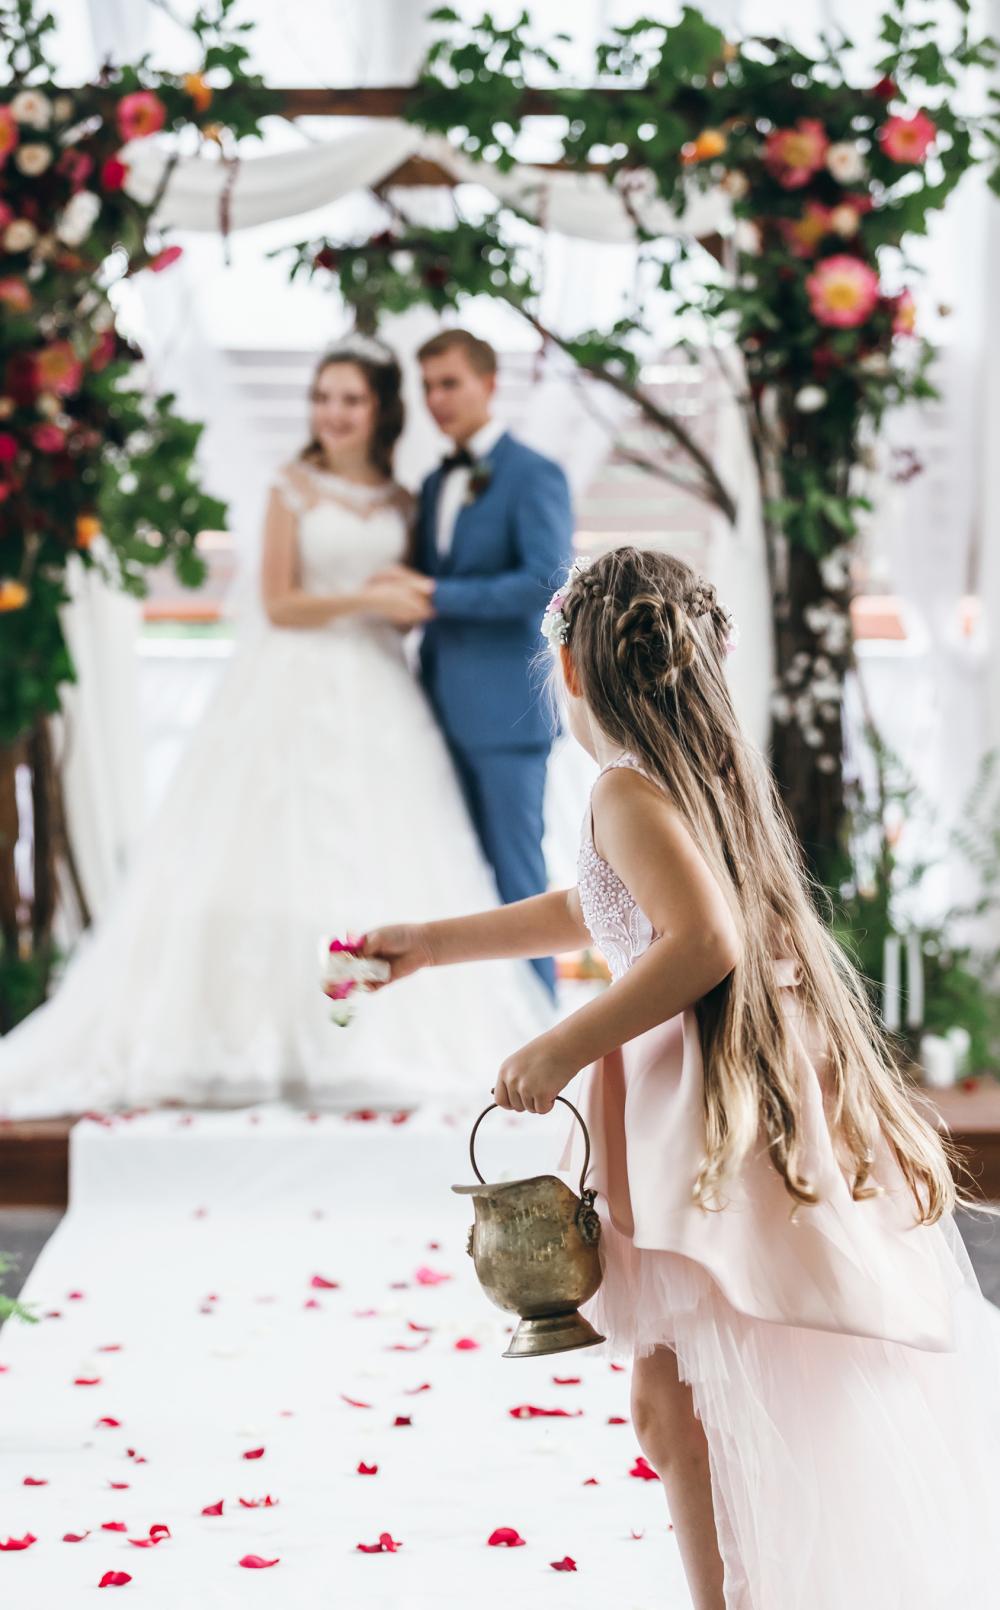 помнить, что готовимся у свадьбе картинки богатырях, которые сражаются